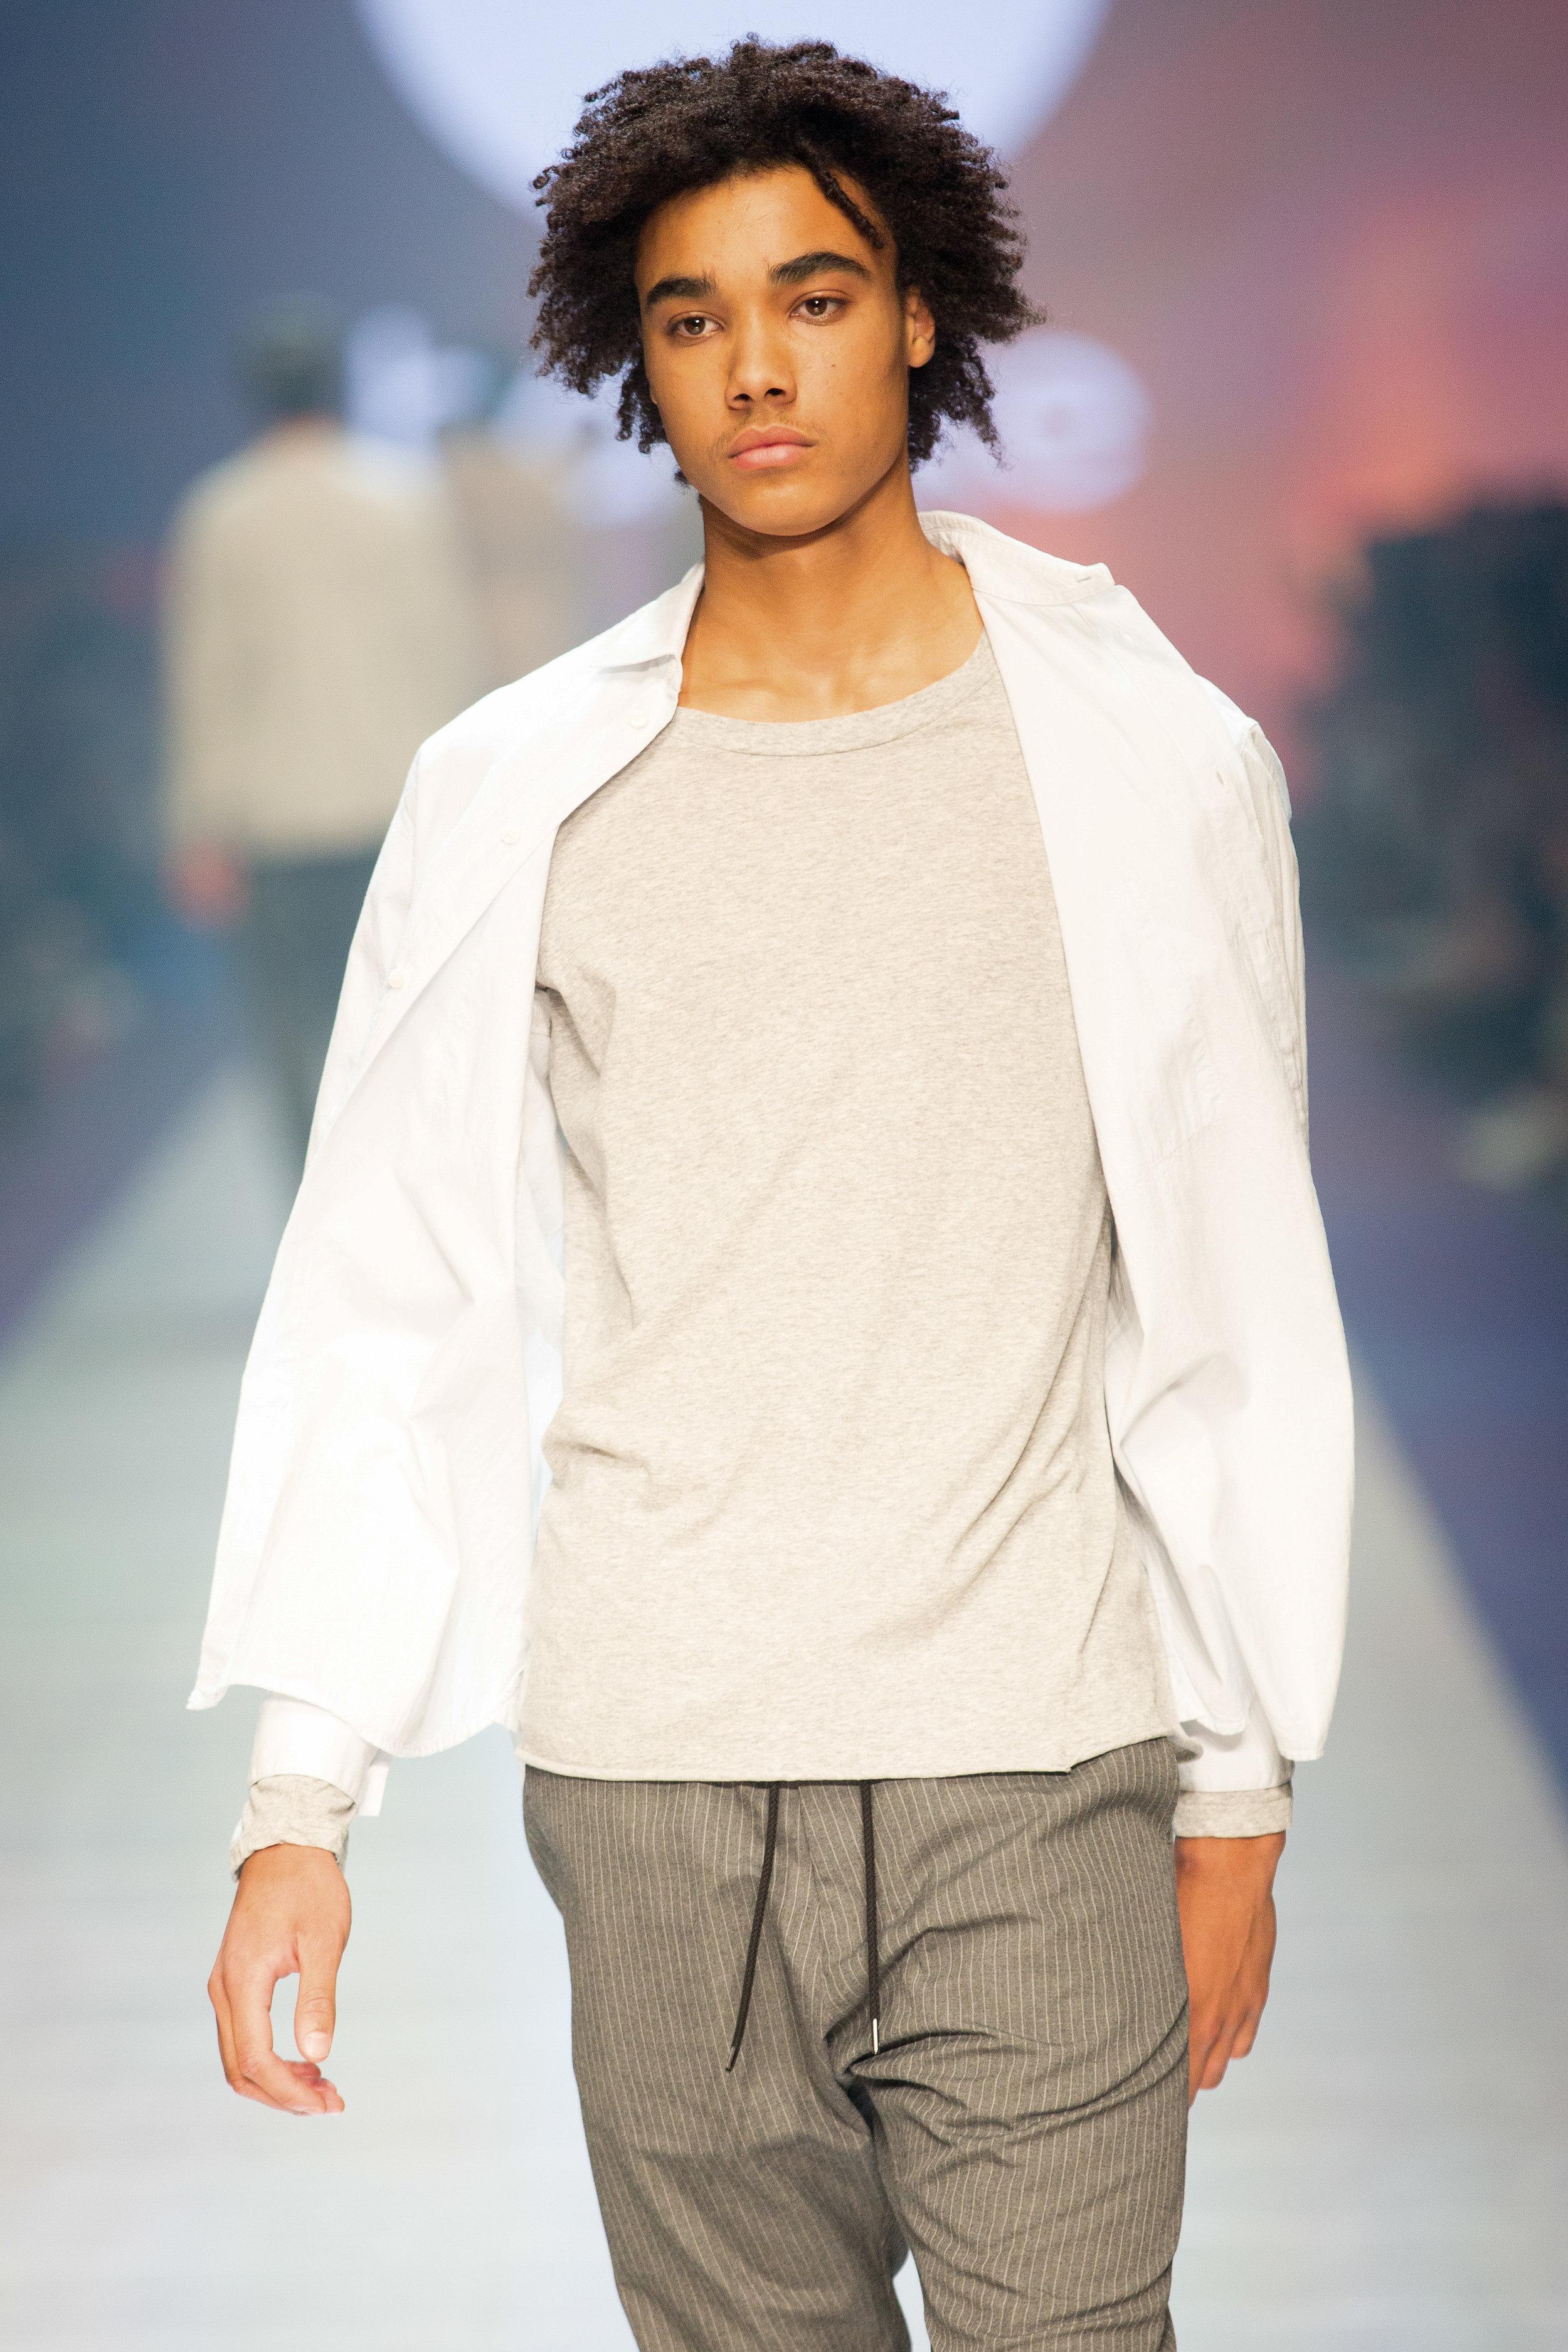 VAMFF2019_GQ Menswear-271.jpg